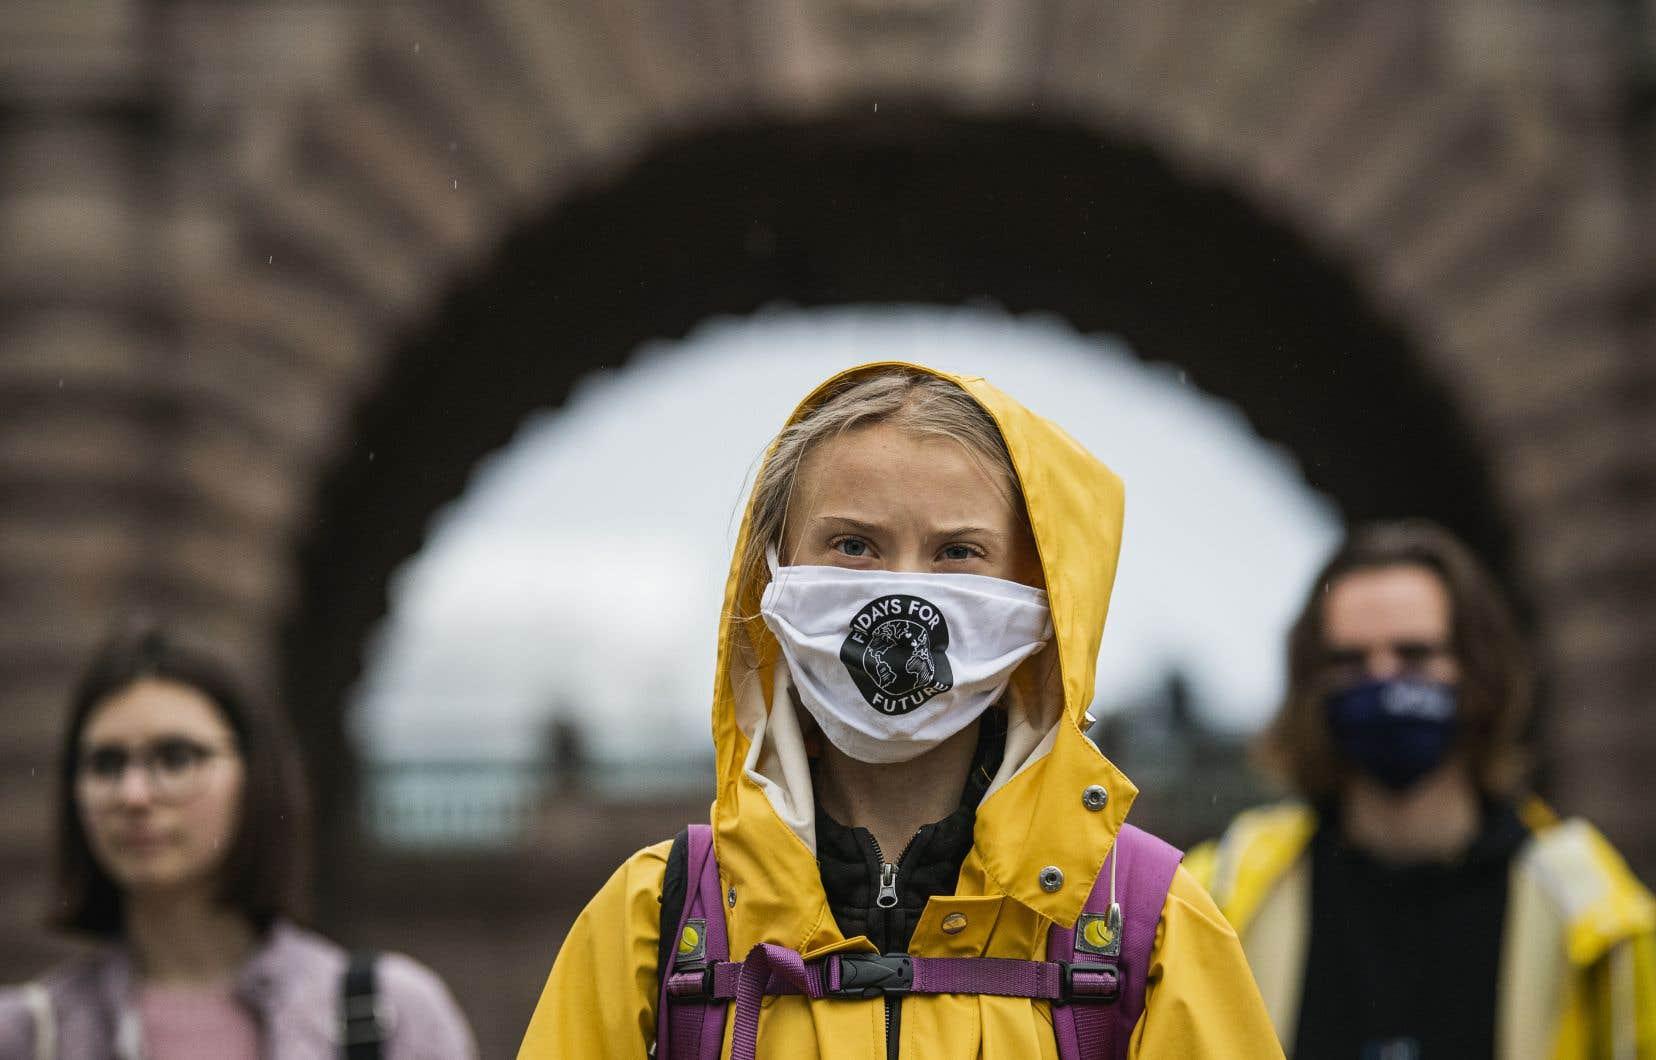 «Nous fonçons toujours dans la mauvaise direction», se désole Greta Thunberg.